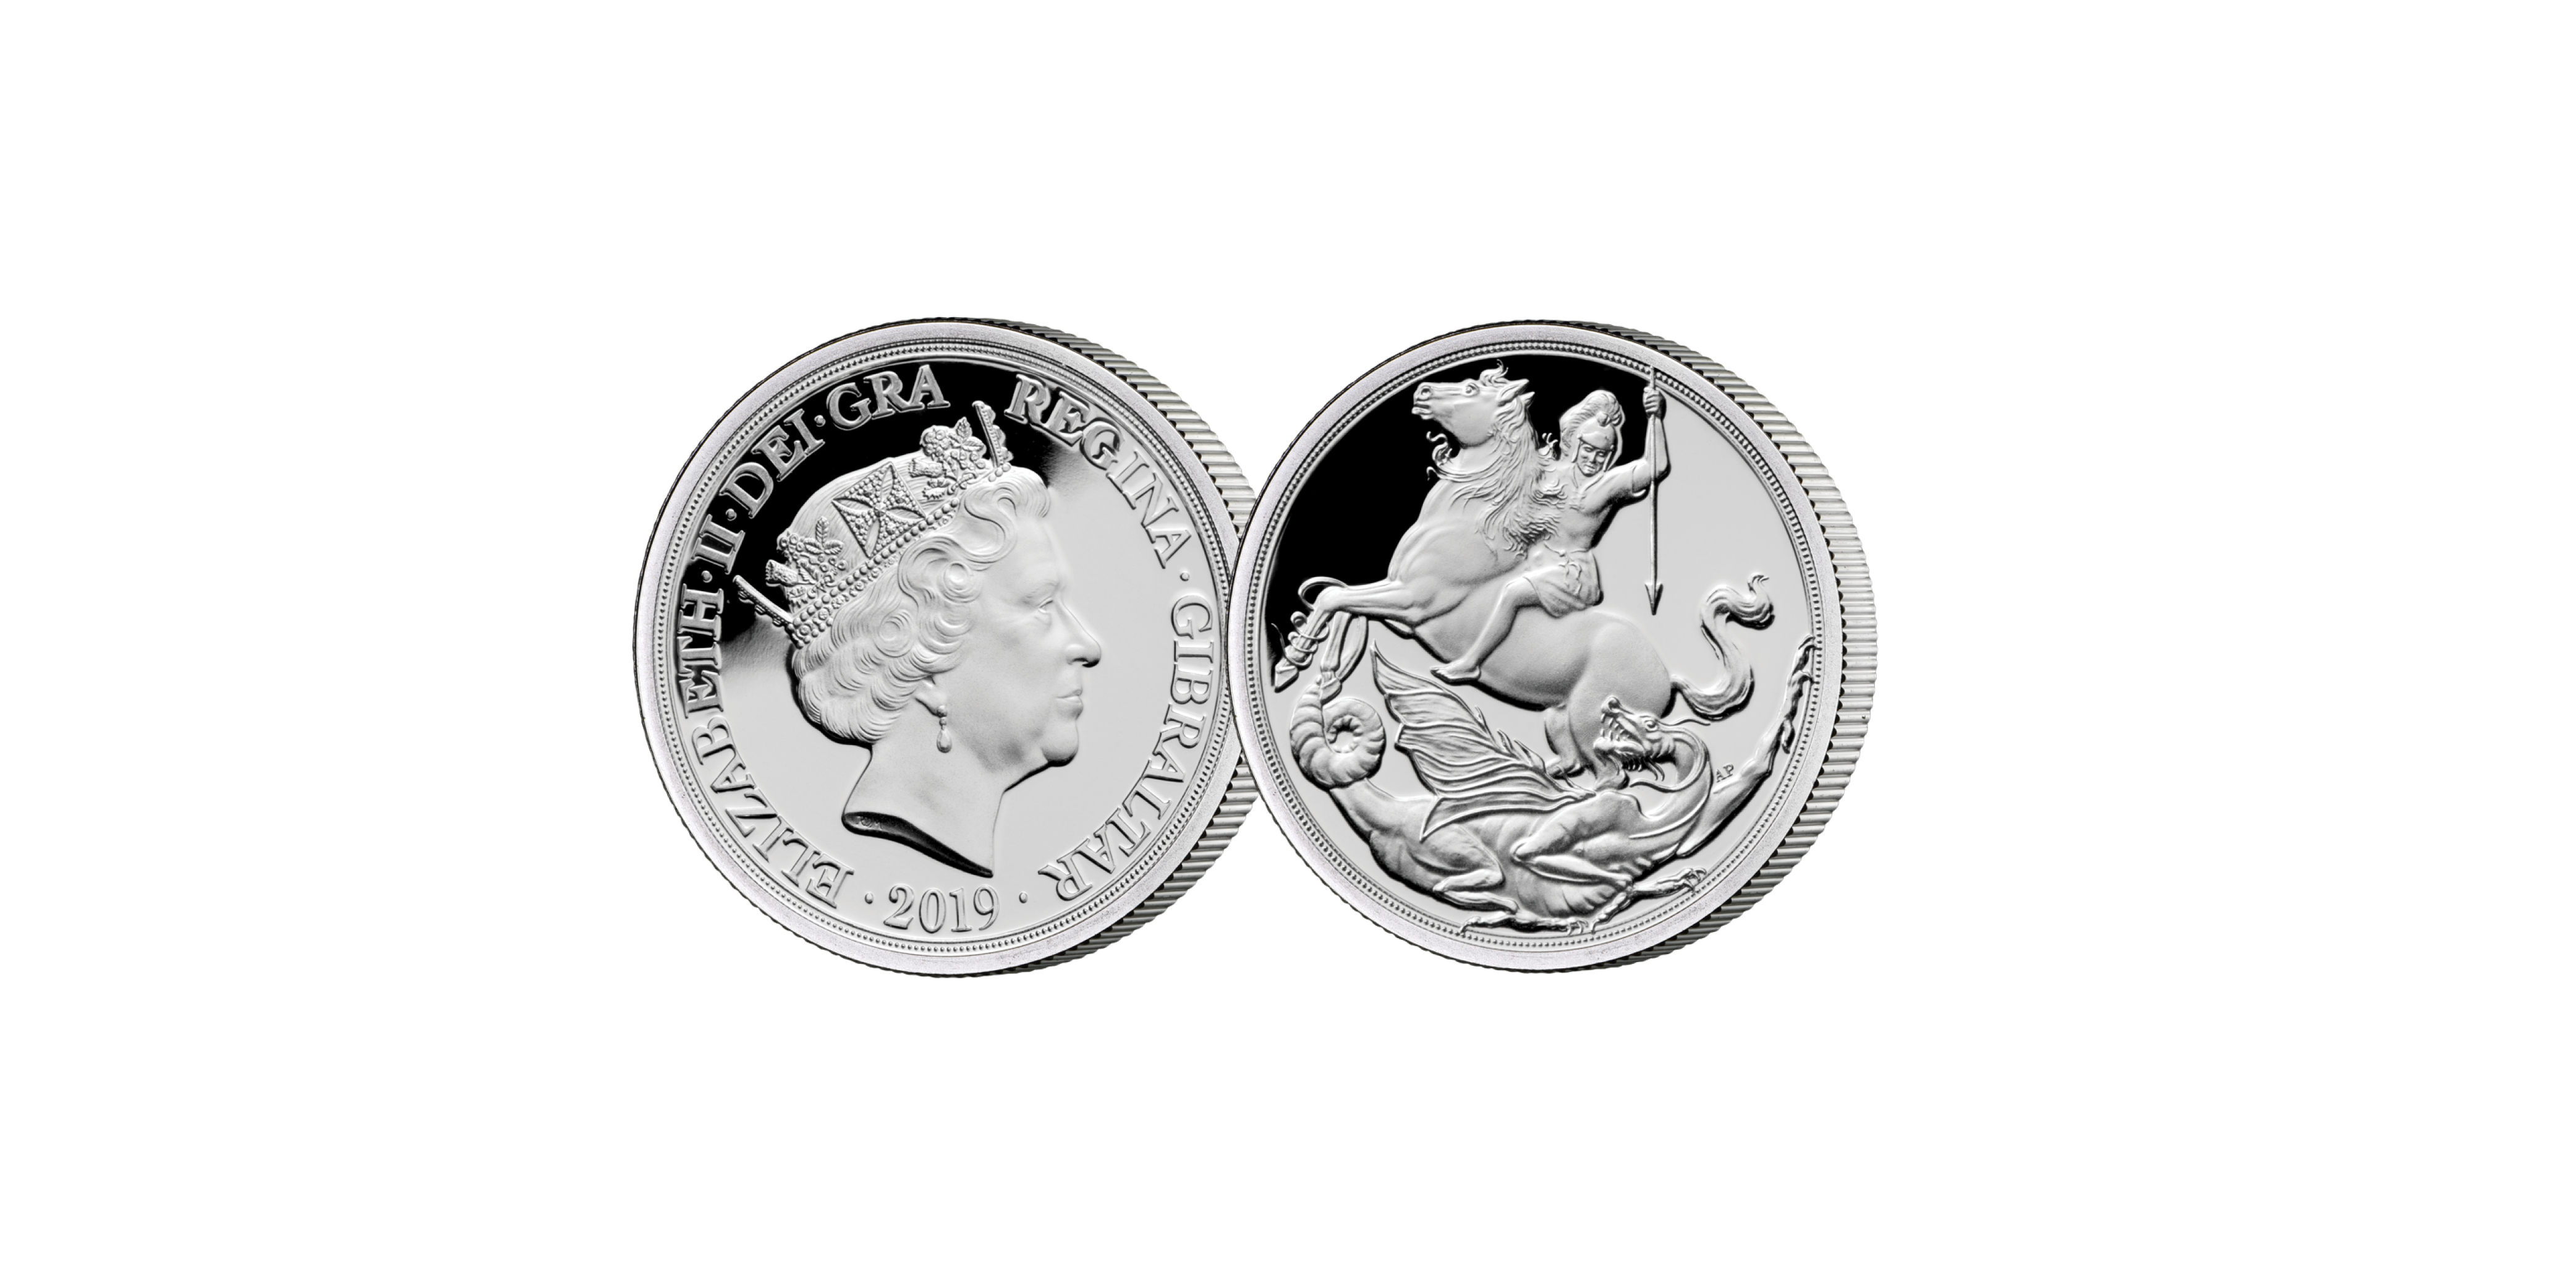 Den første Sovereign nogensinde, som er præget i rent sølv. Præget i rent sølv og designet af Angela Pistrucci